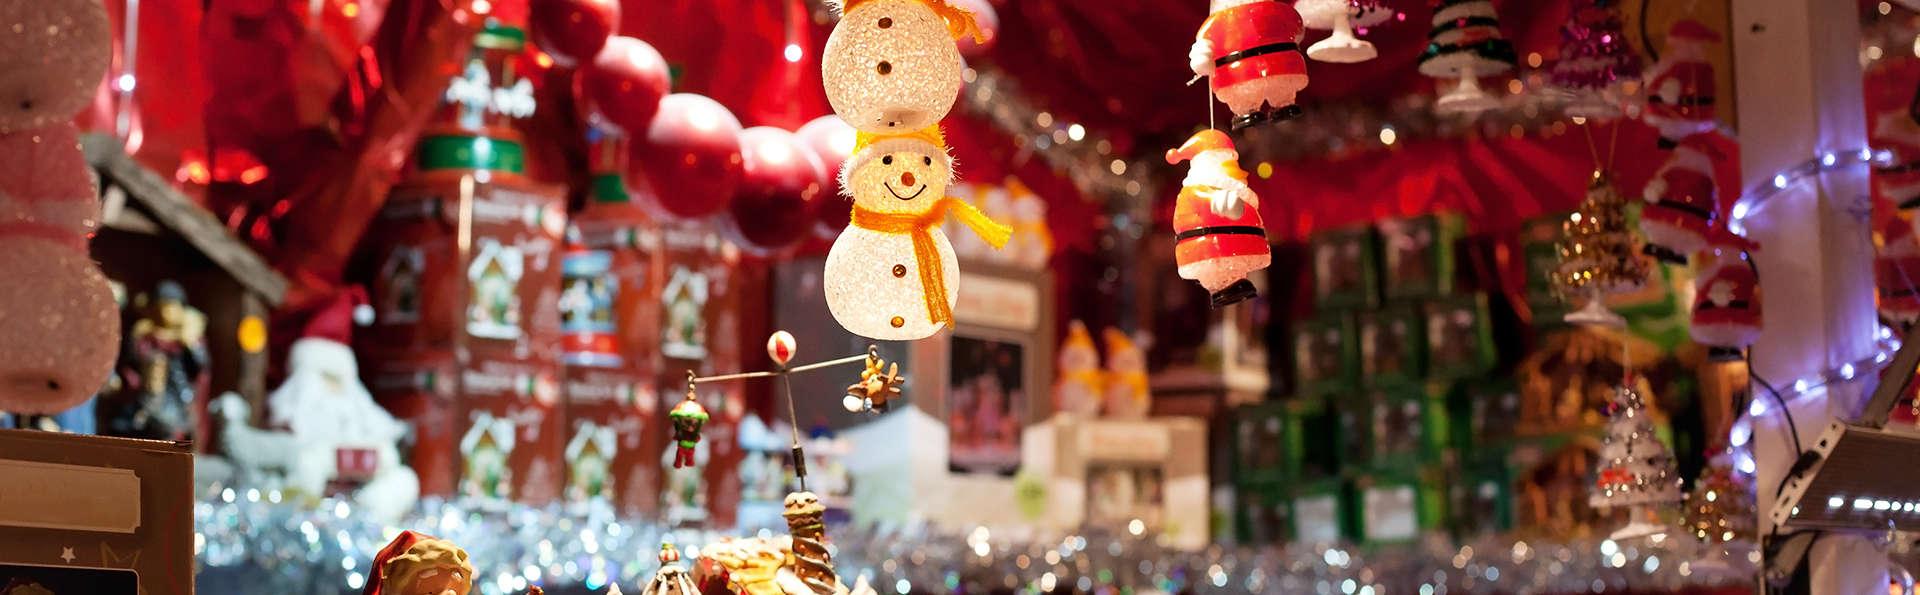 Immersion au cœur de la magie de Noël à Strasbourg (à partir de 2 nuits)